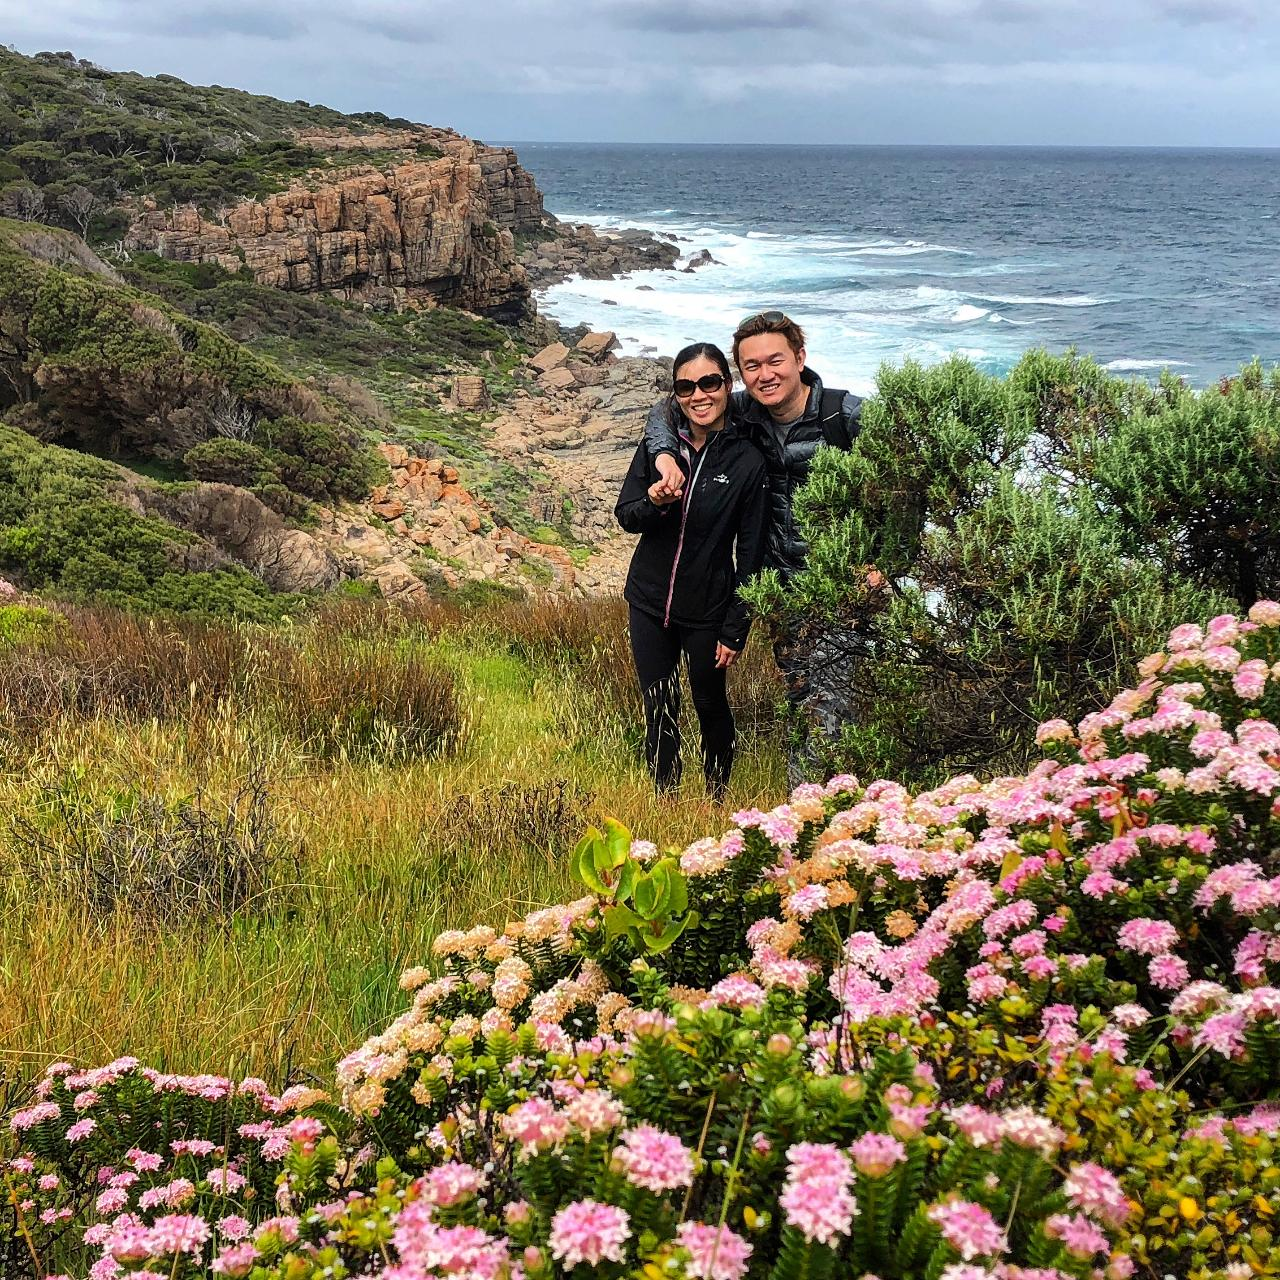 Cape to Cape Wilyabrup Walk